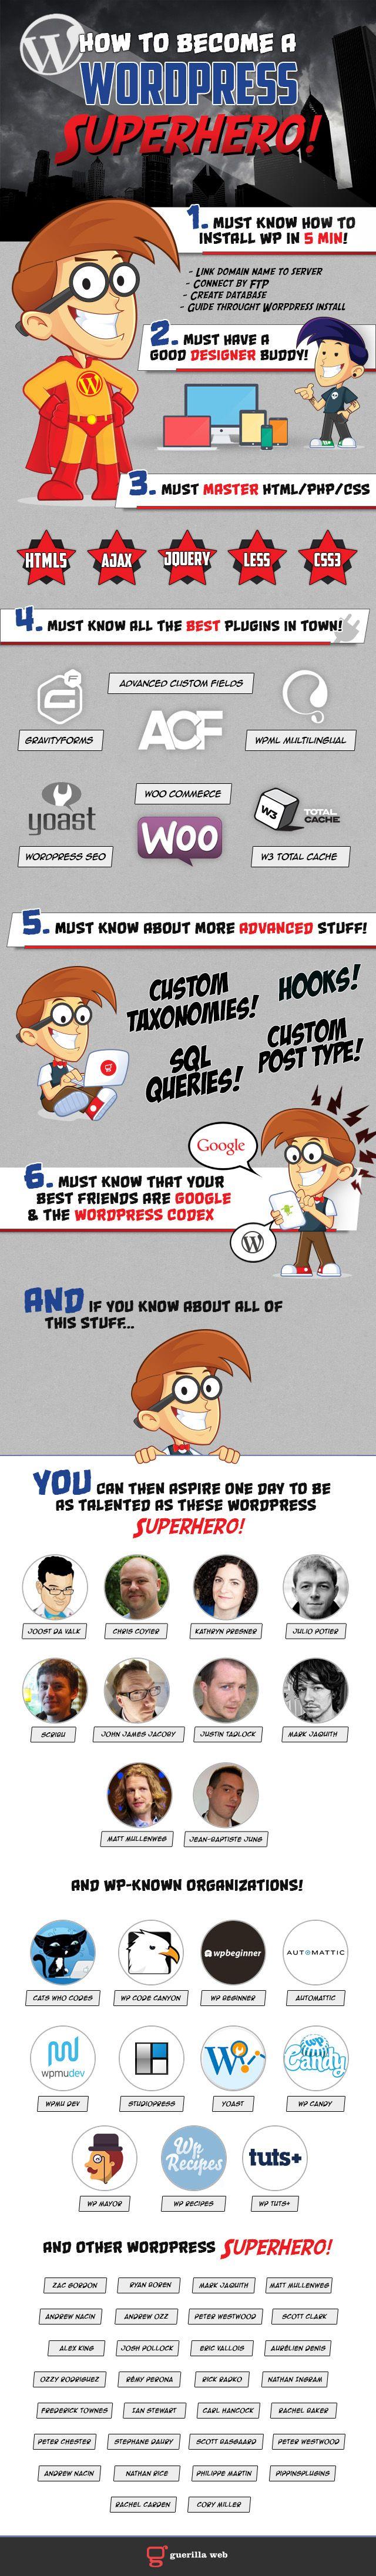 How To Become A Wordpress Superhero!